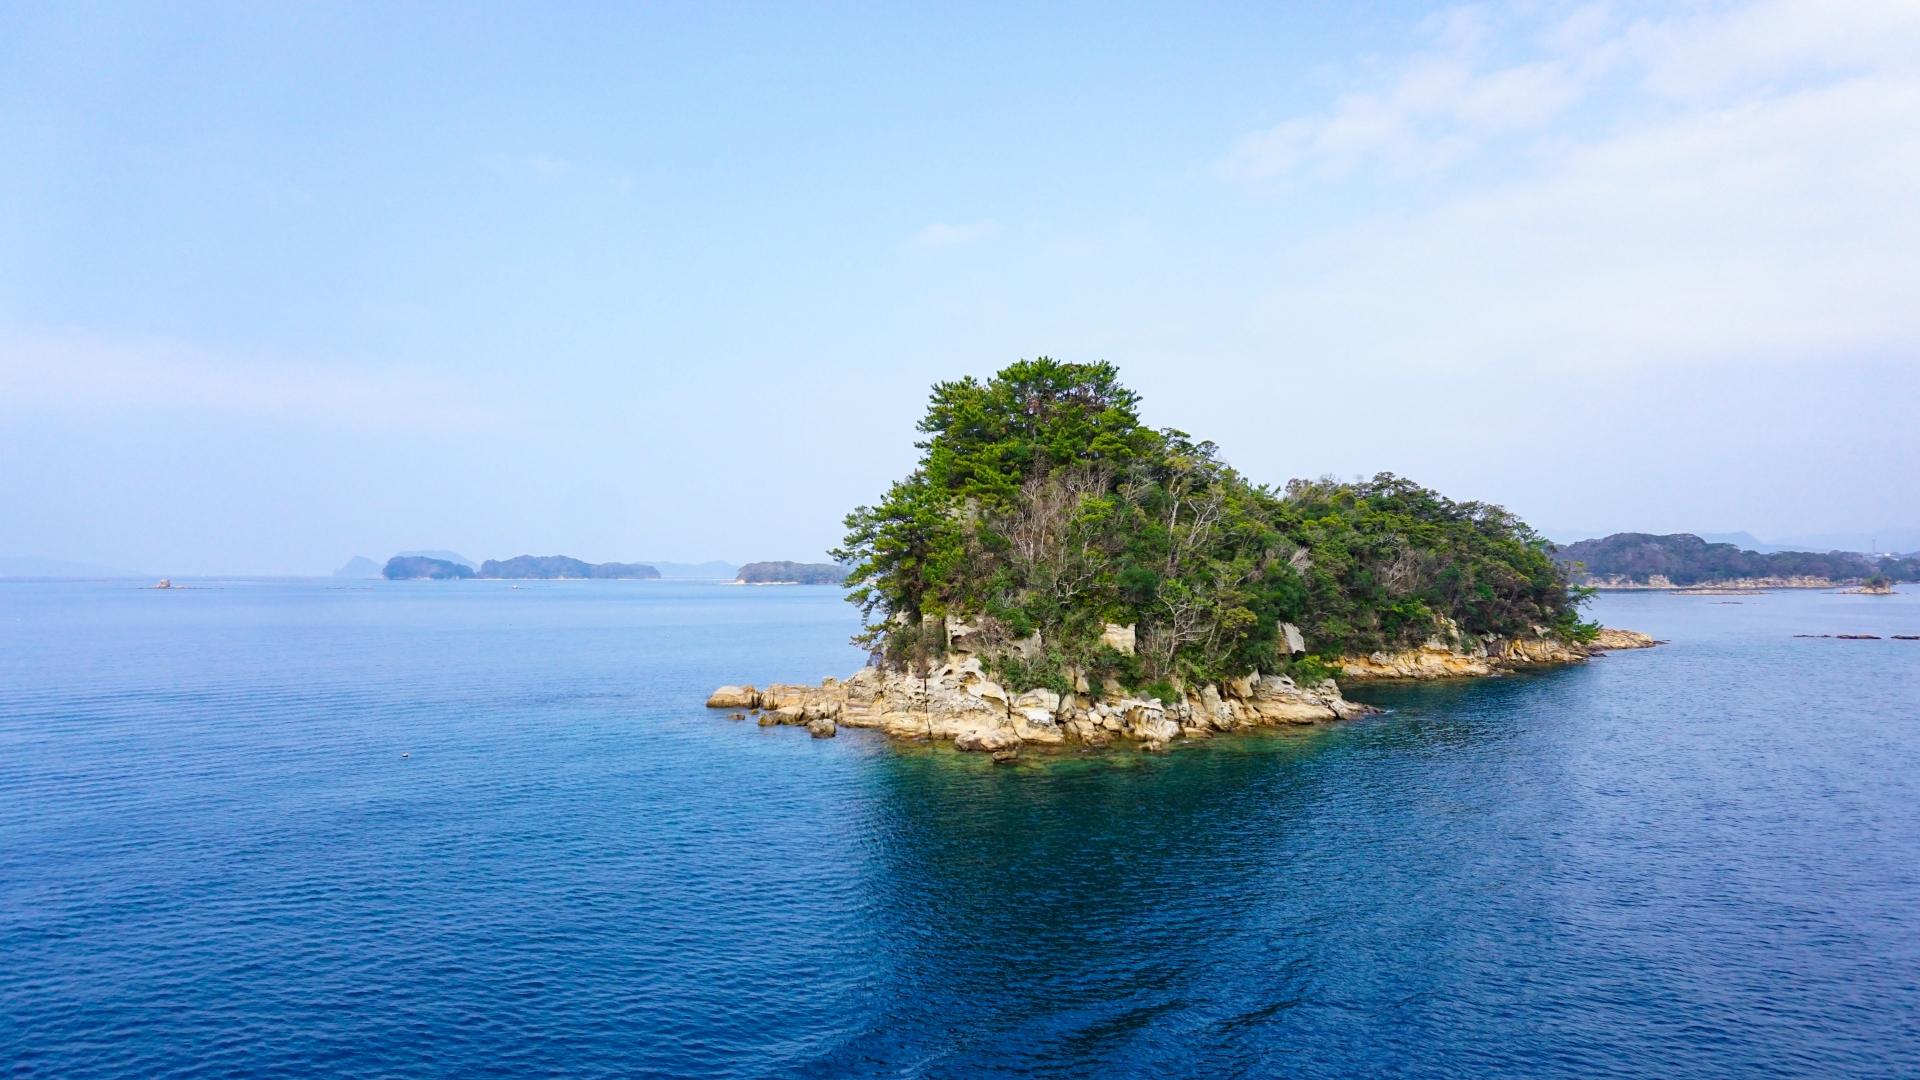 無人島のイメージ